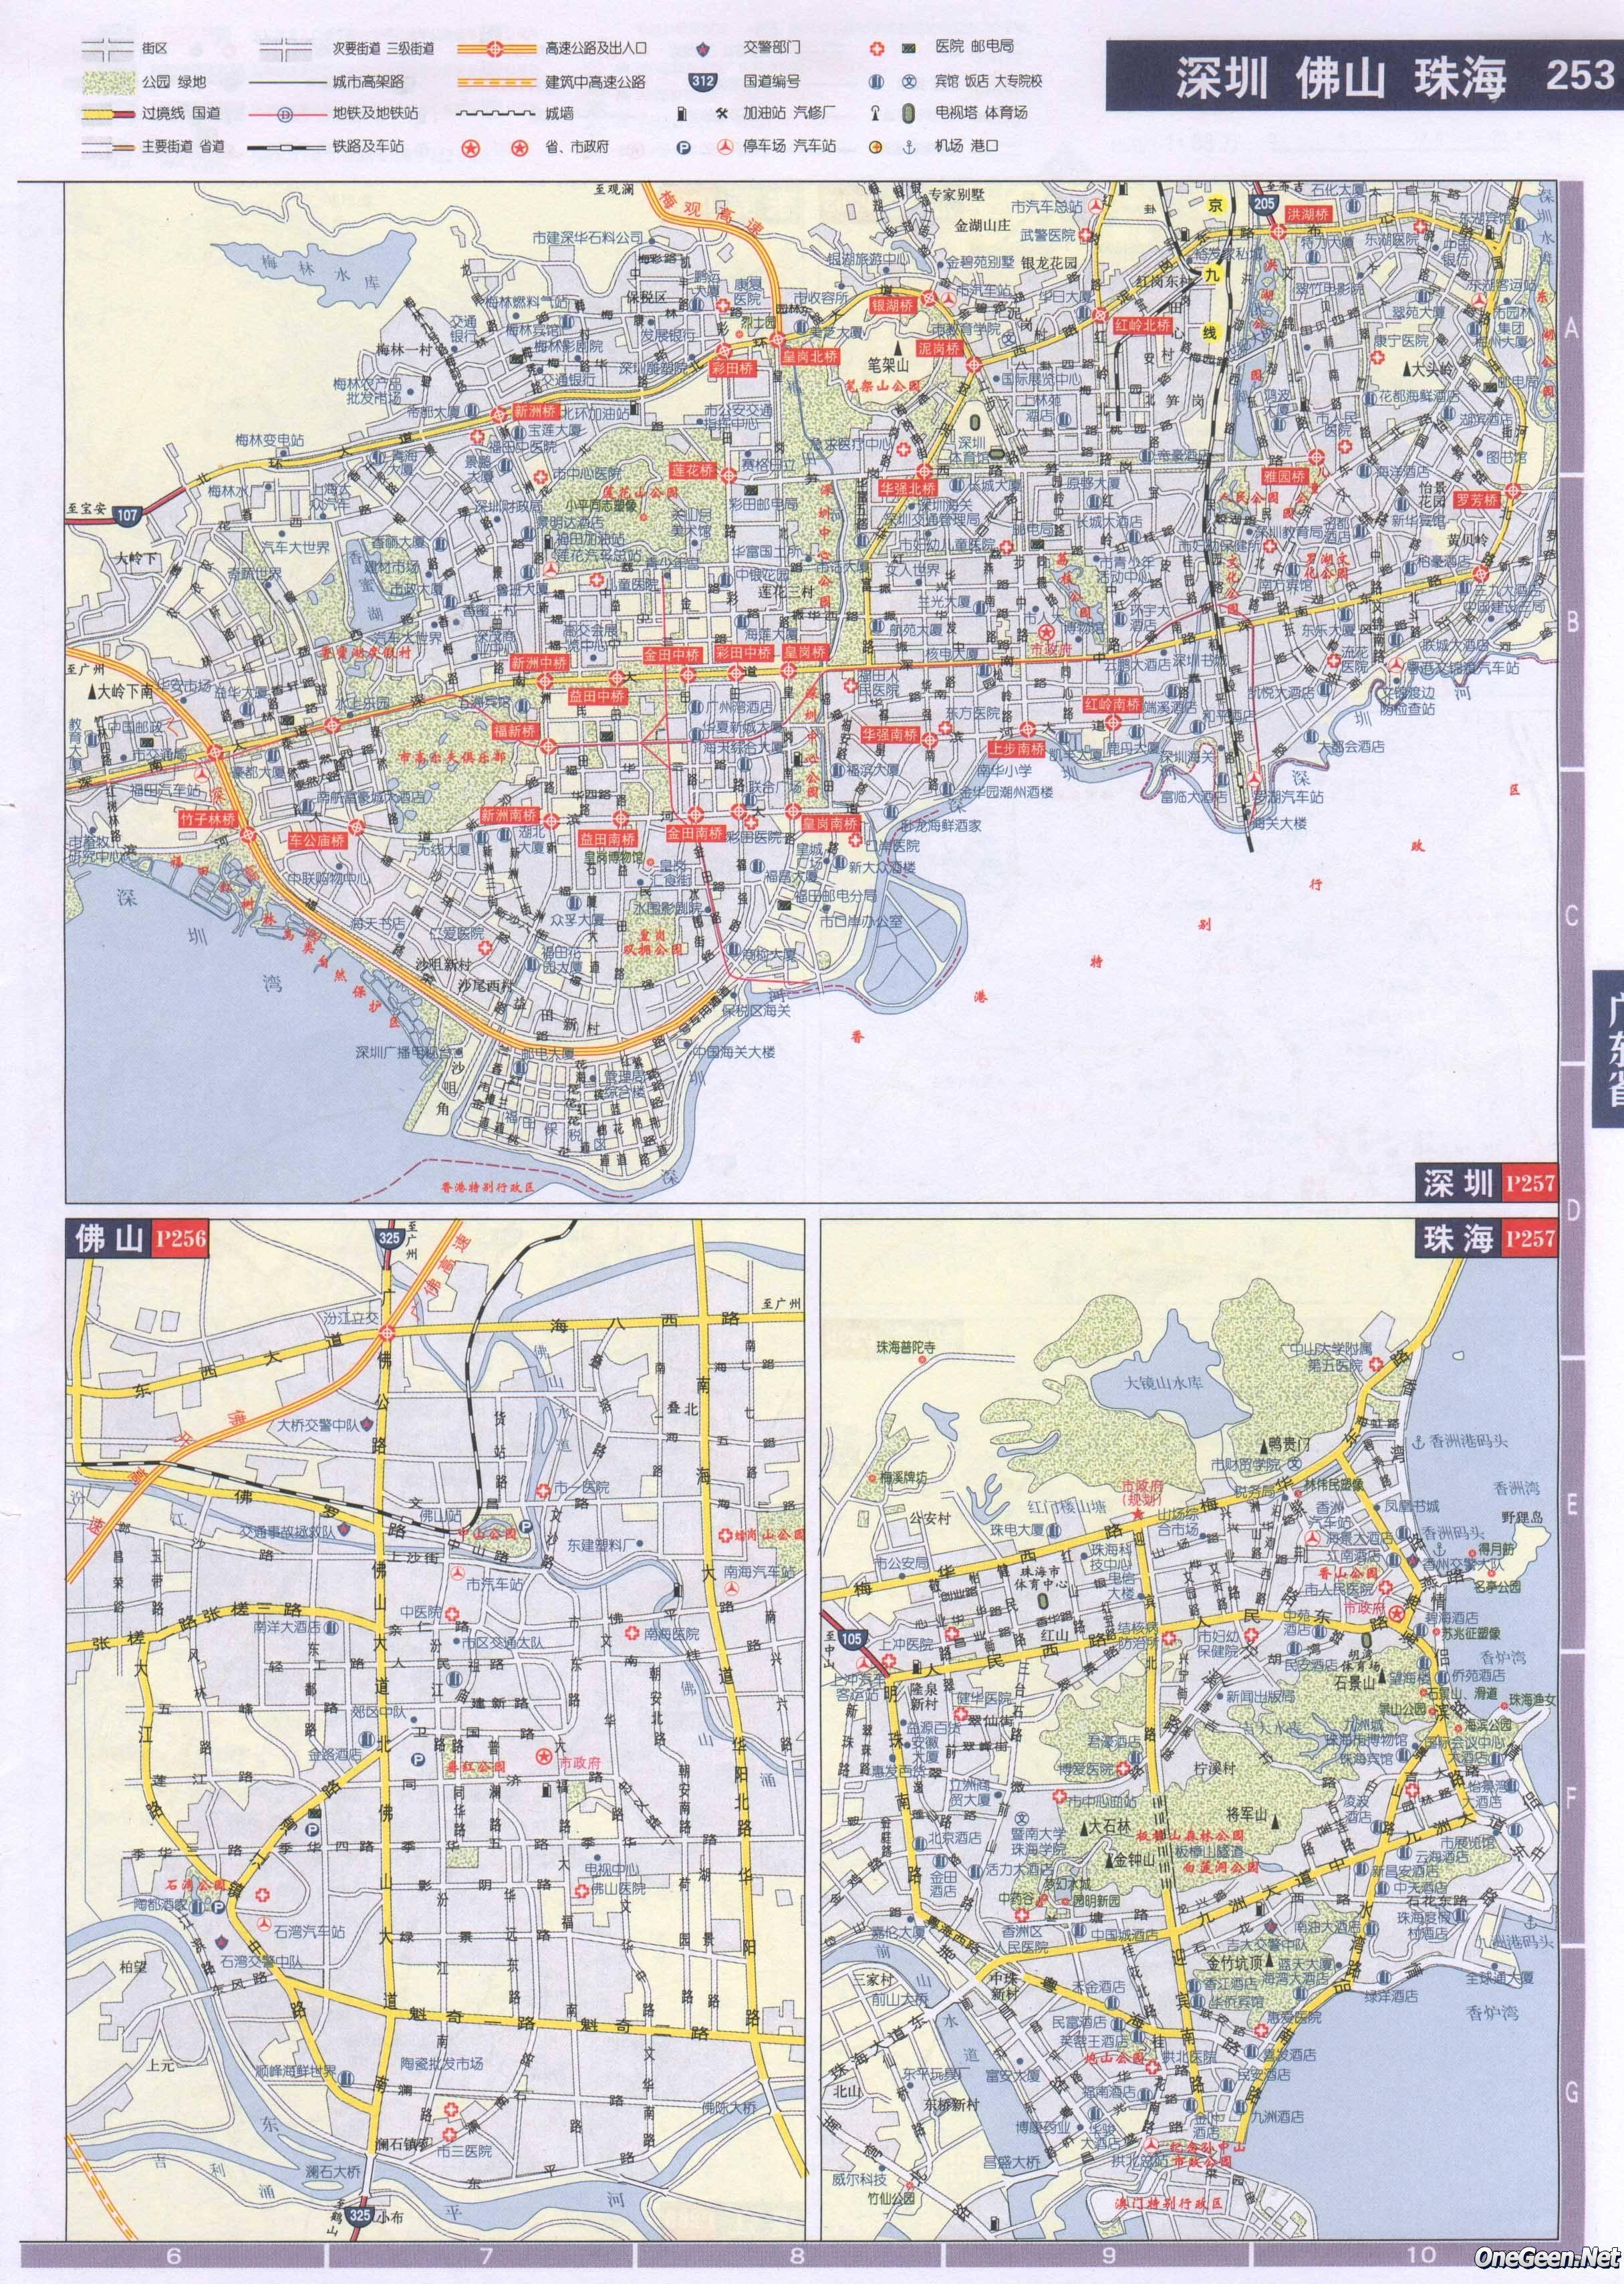 广东省交通地图_广东省深圳佛山珠海公路交通地图_交通地图库_地图窝